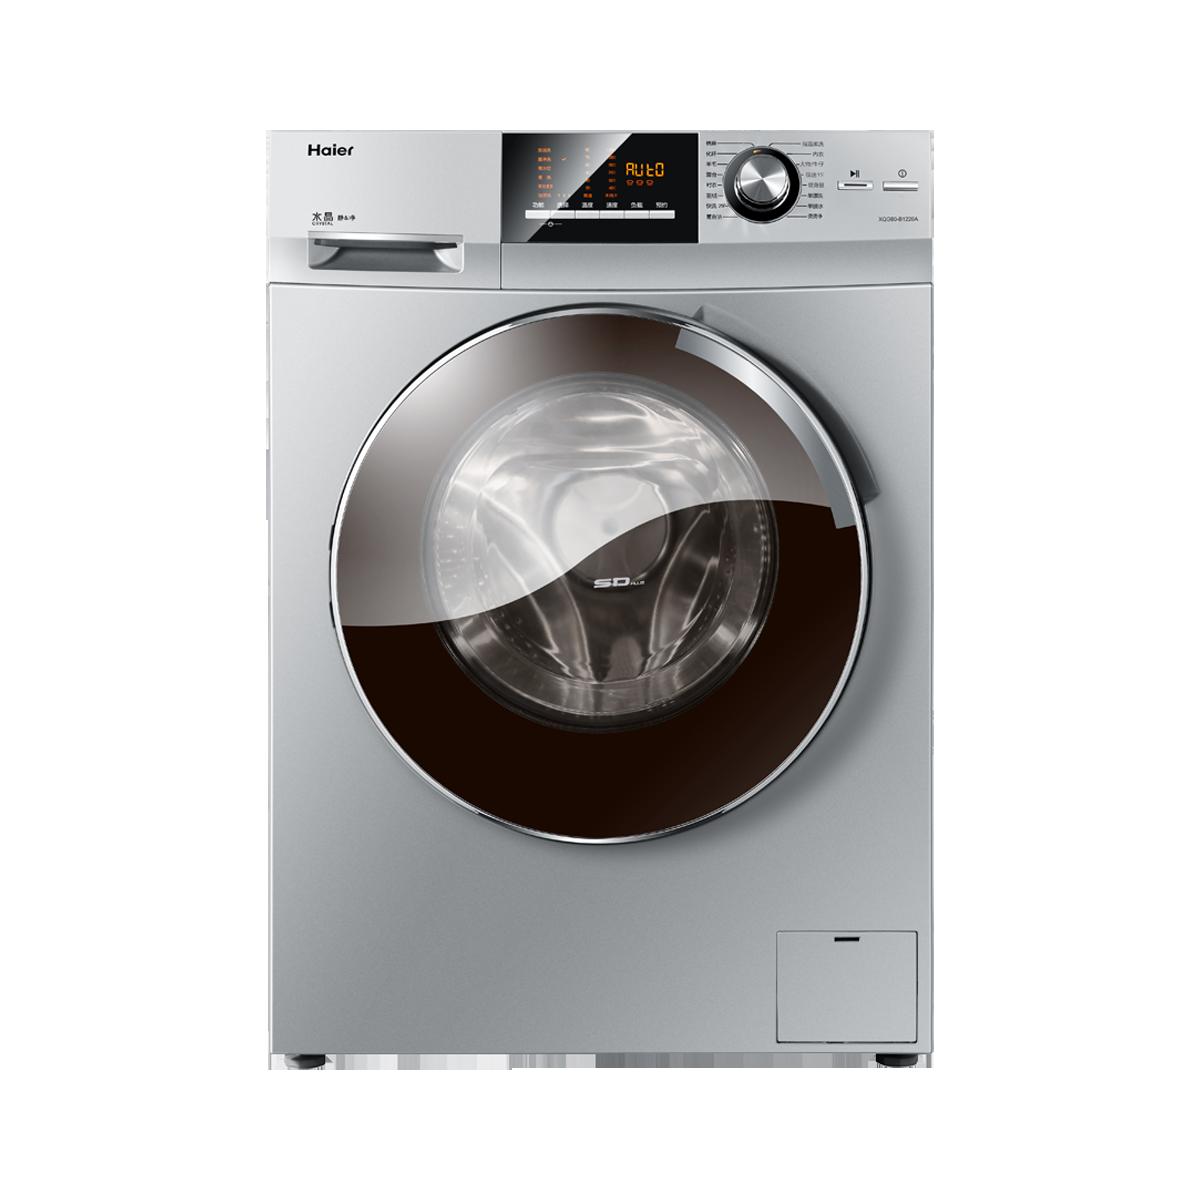 海尔Haier洗衣机 XQG60-B1226A 说明书